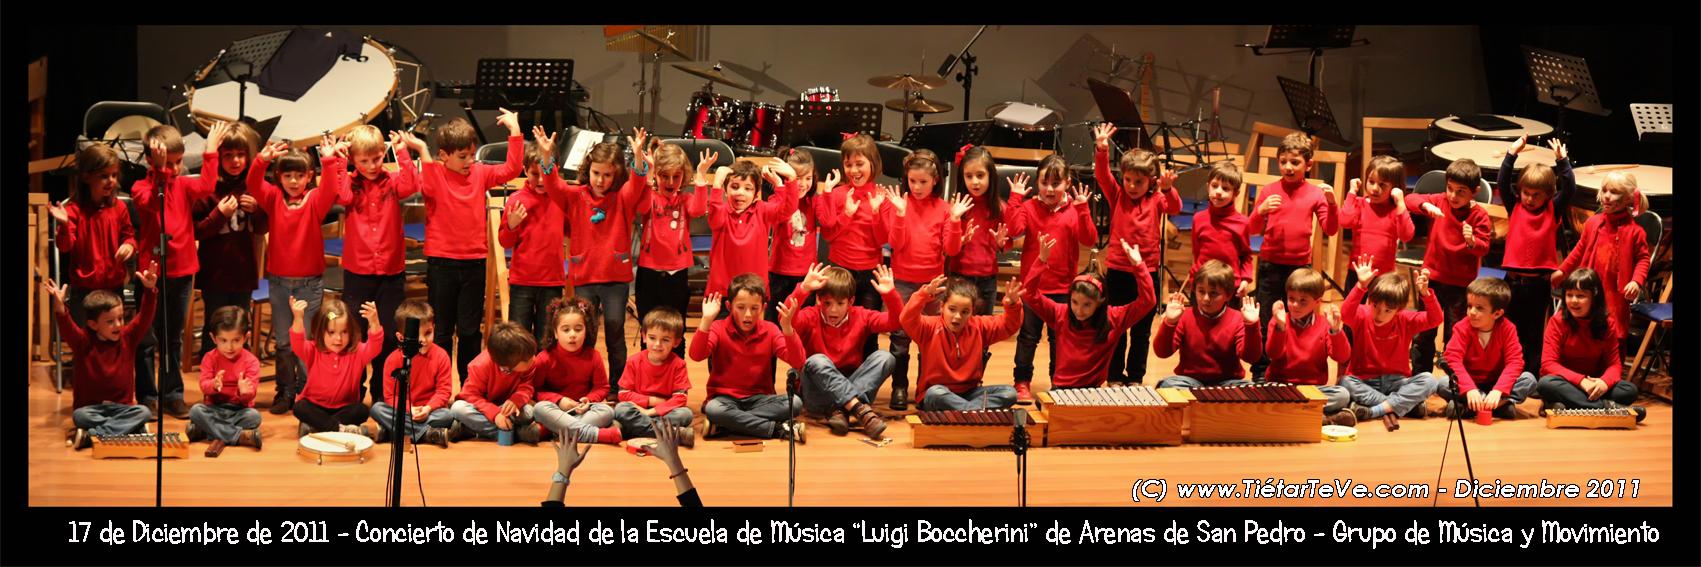 Grupo de Música y Movimiento de la Escuela de Música de Arenas - TiétarTeVe